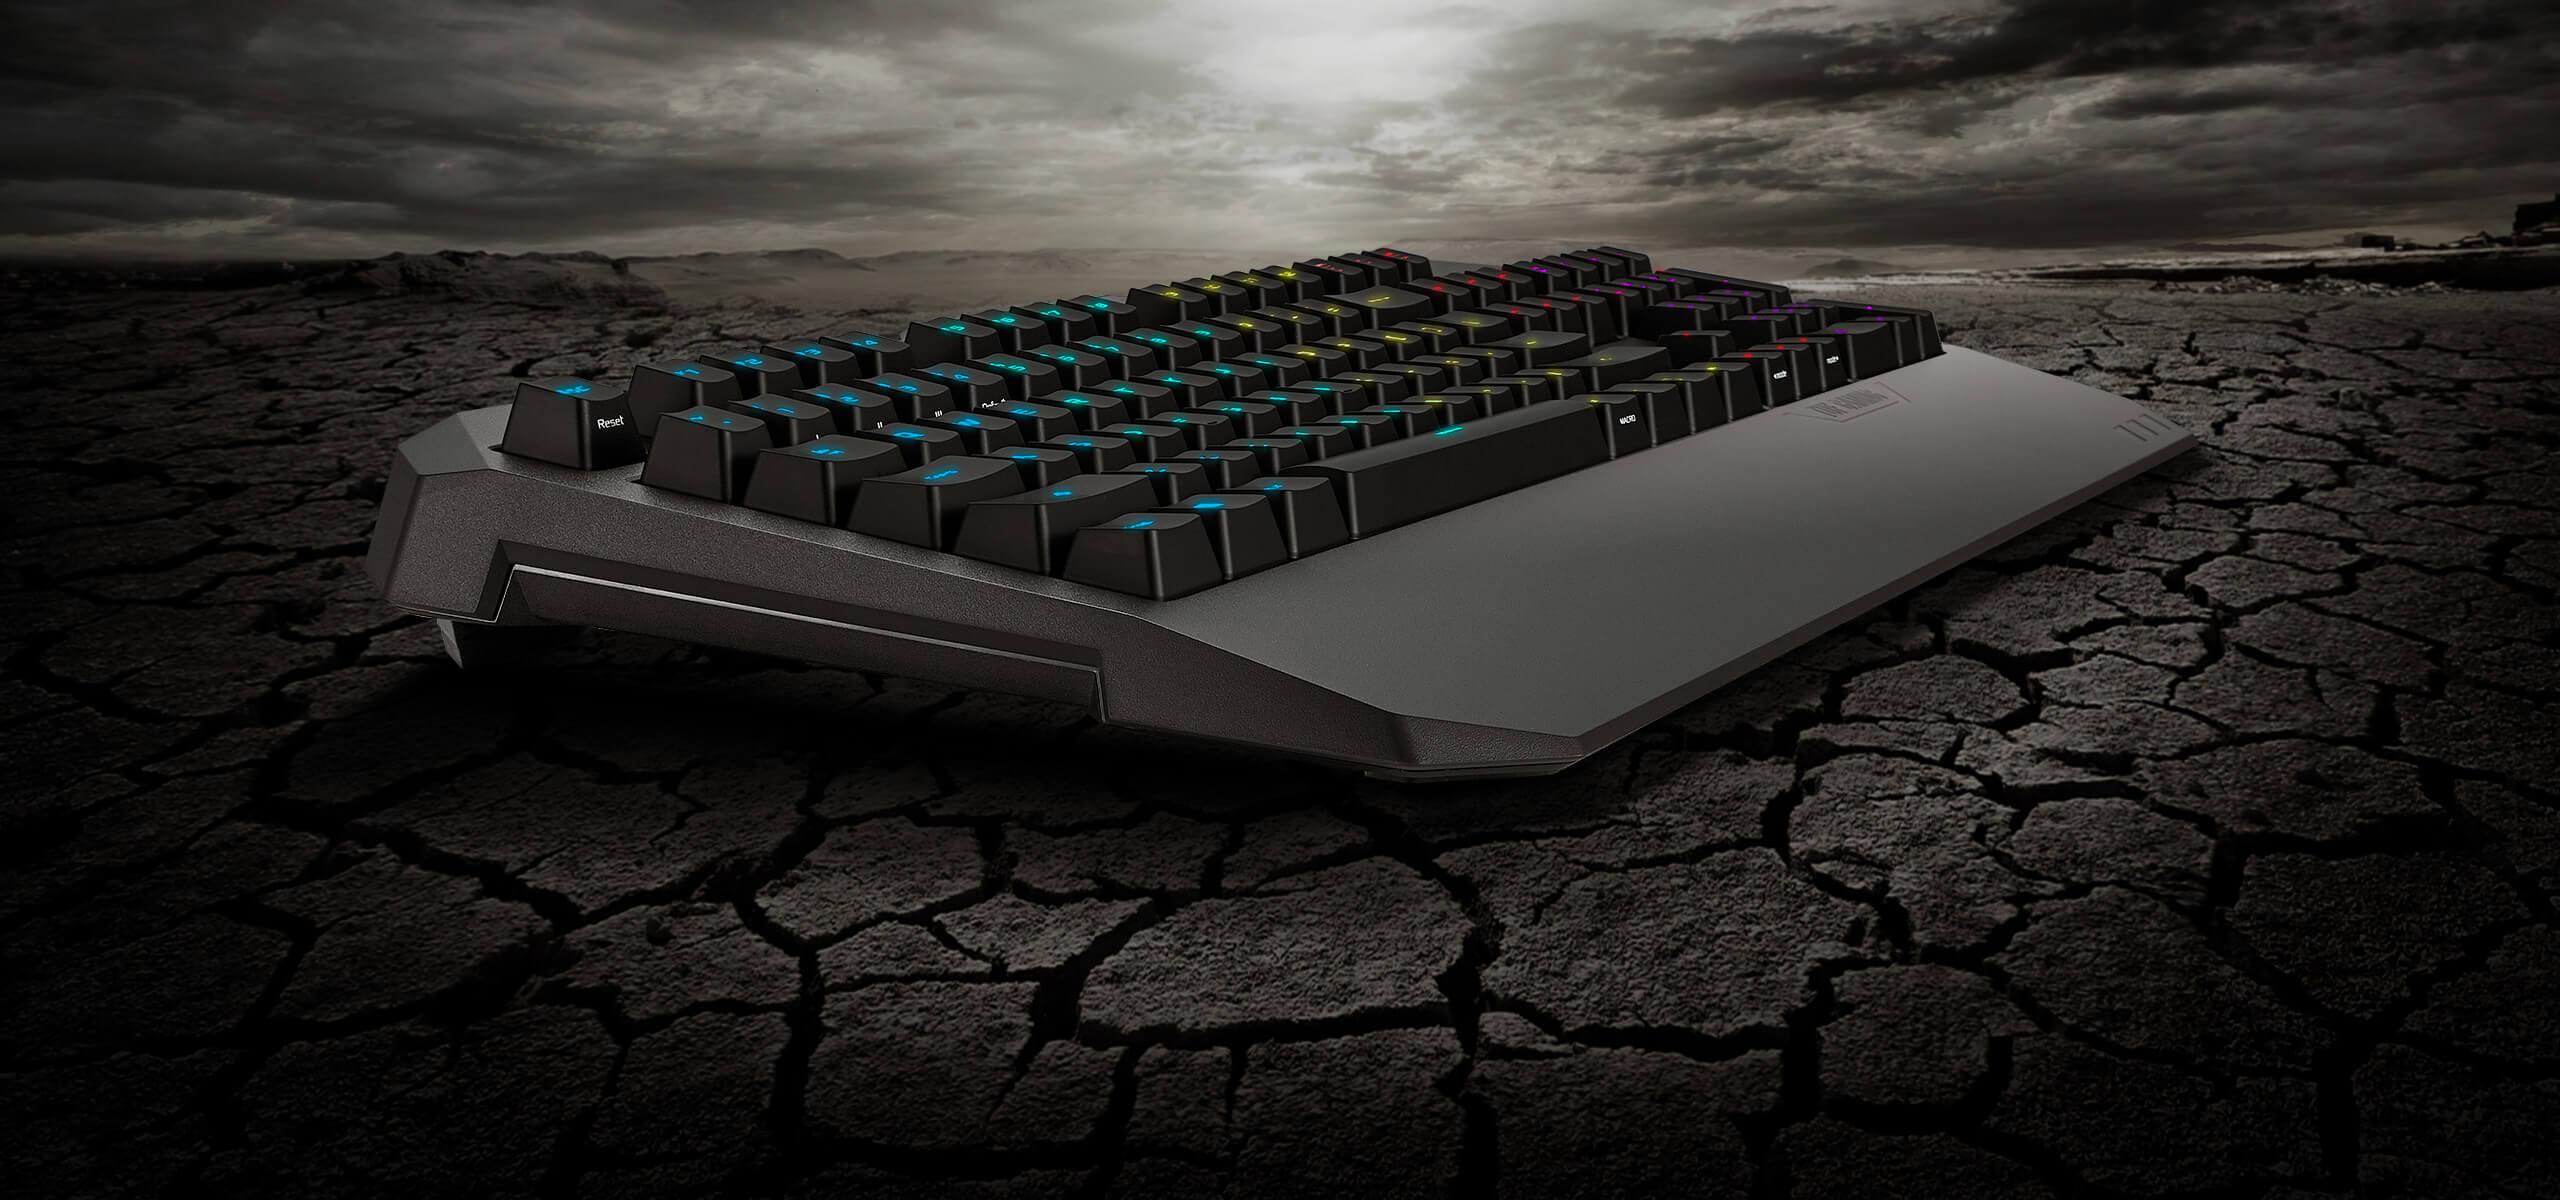 Bàn phím chơi game Asus TUF K5 (USB/RGB/Đen) có phần kê tay tiện lợi